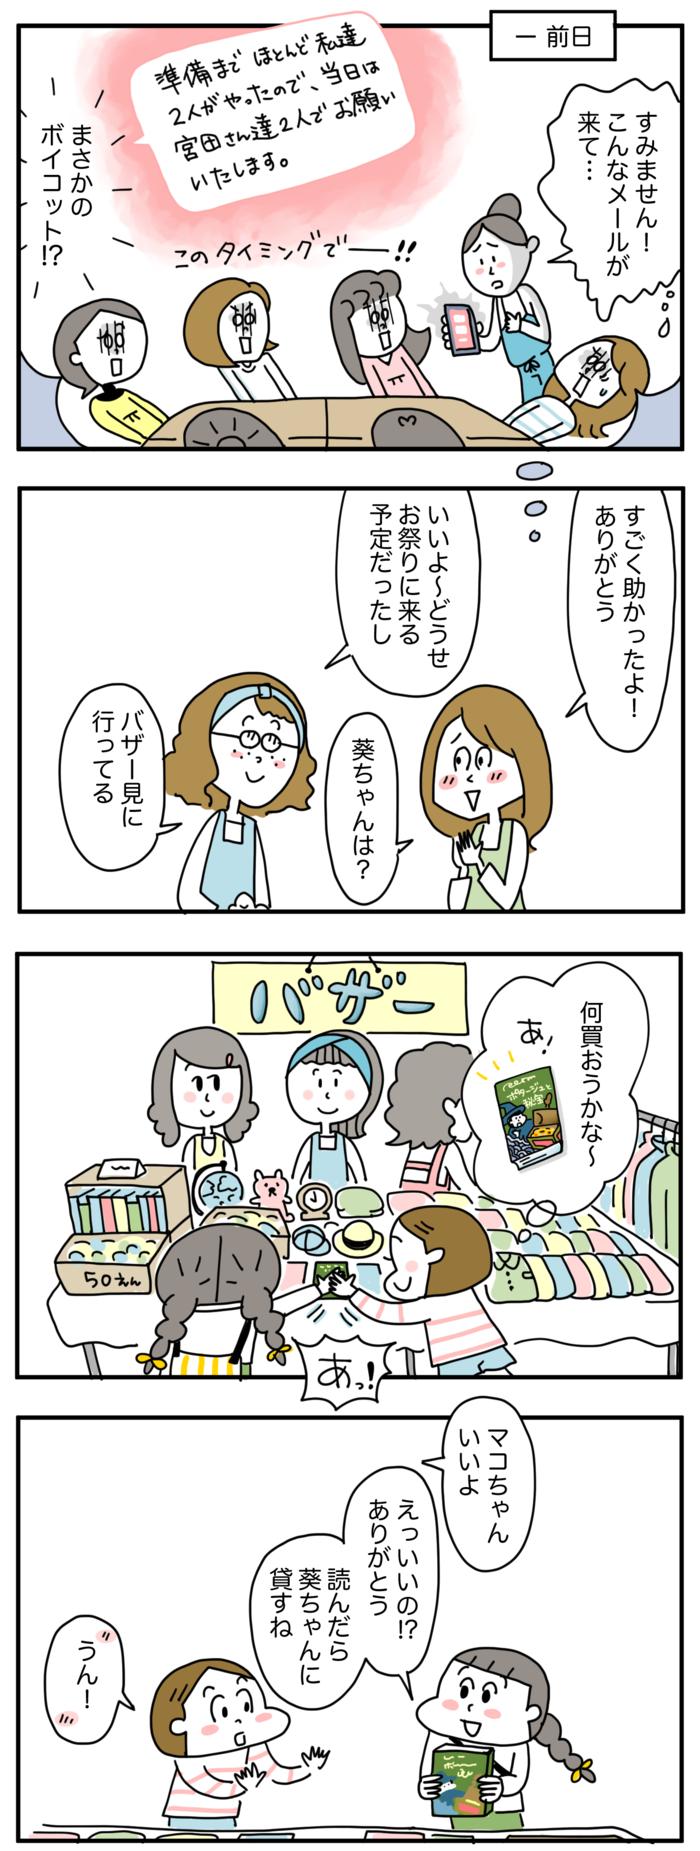 ママ友は「友」をつけるから混乱する。モヤモヤの先につかんだ距離感の画像3